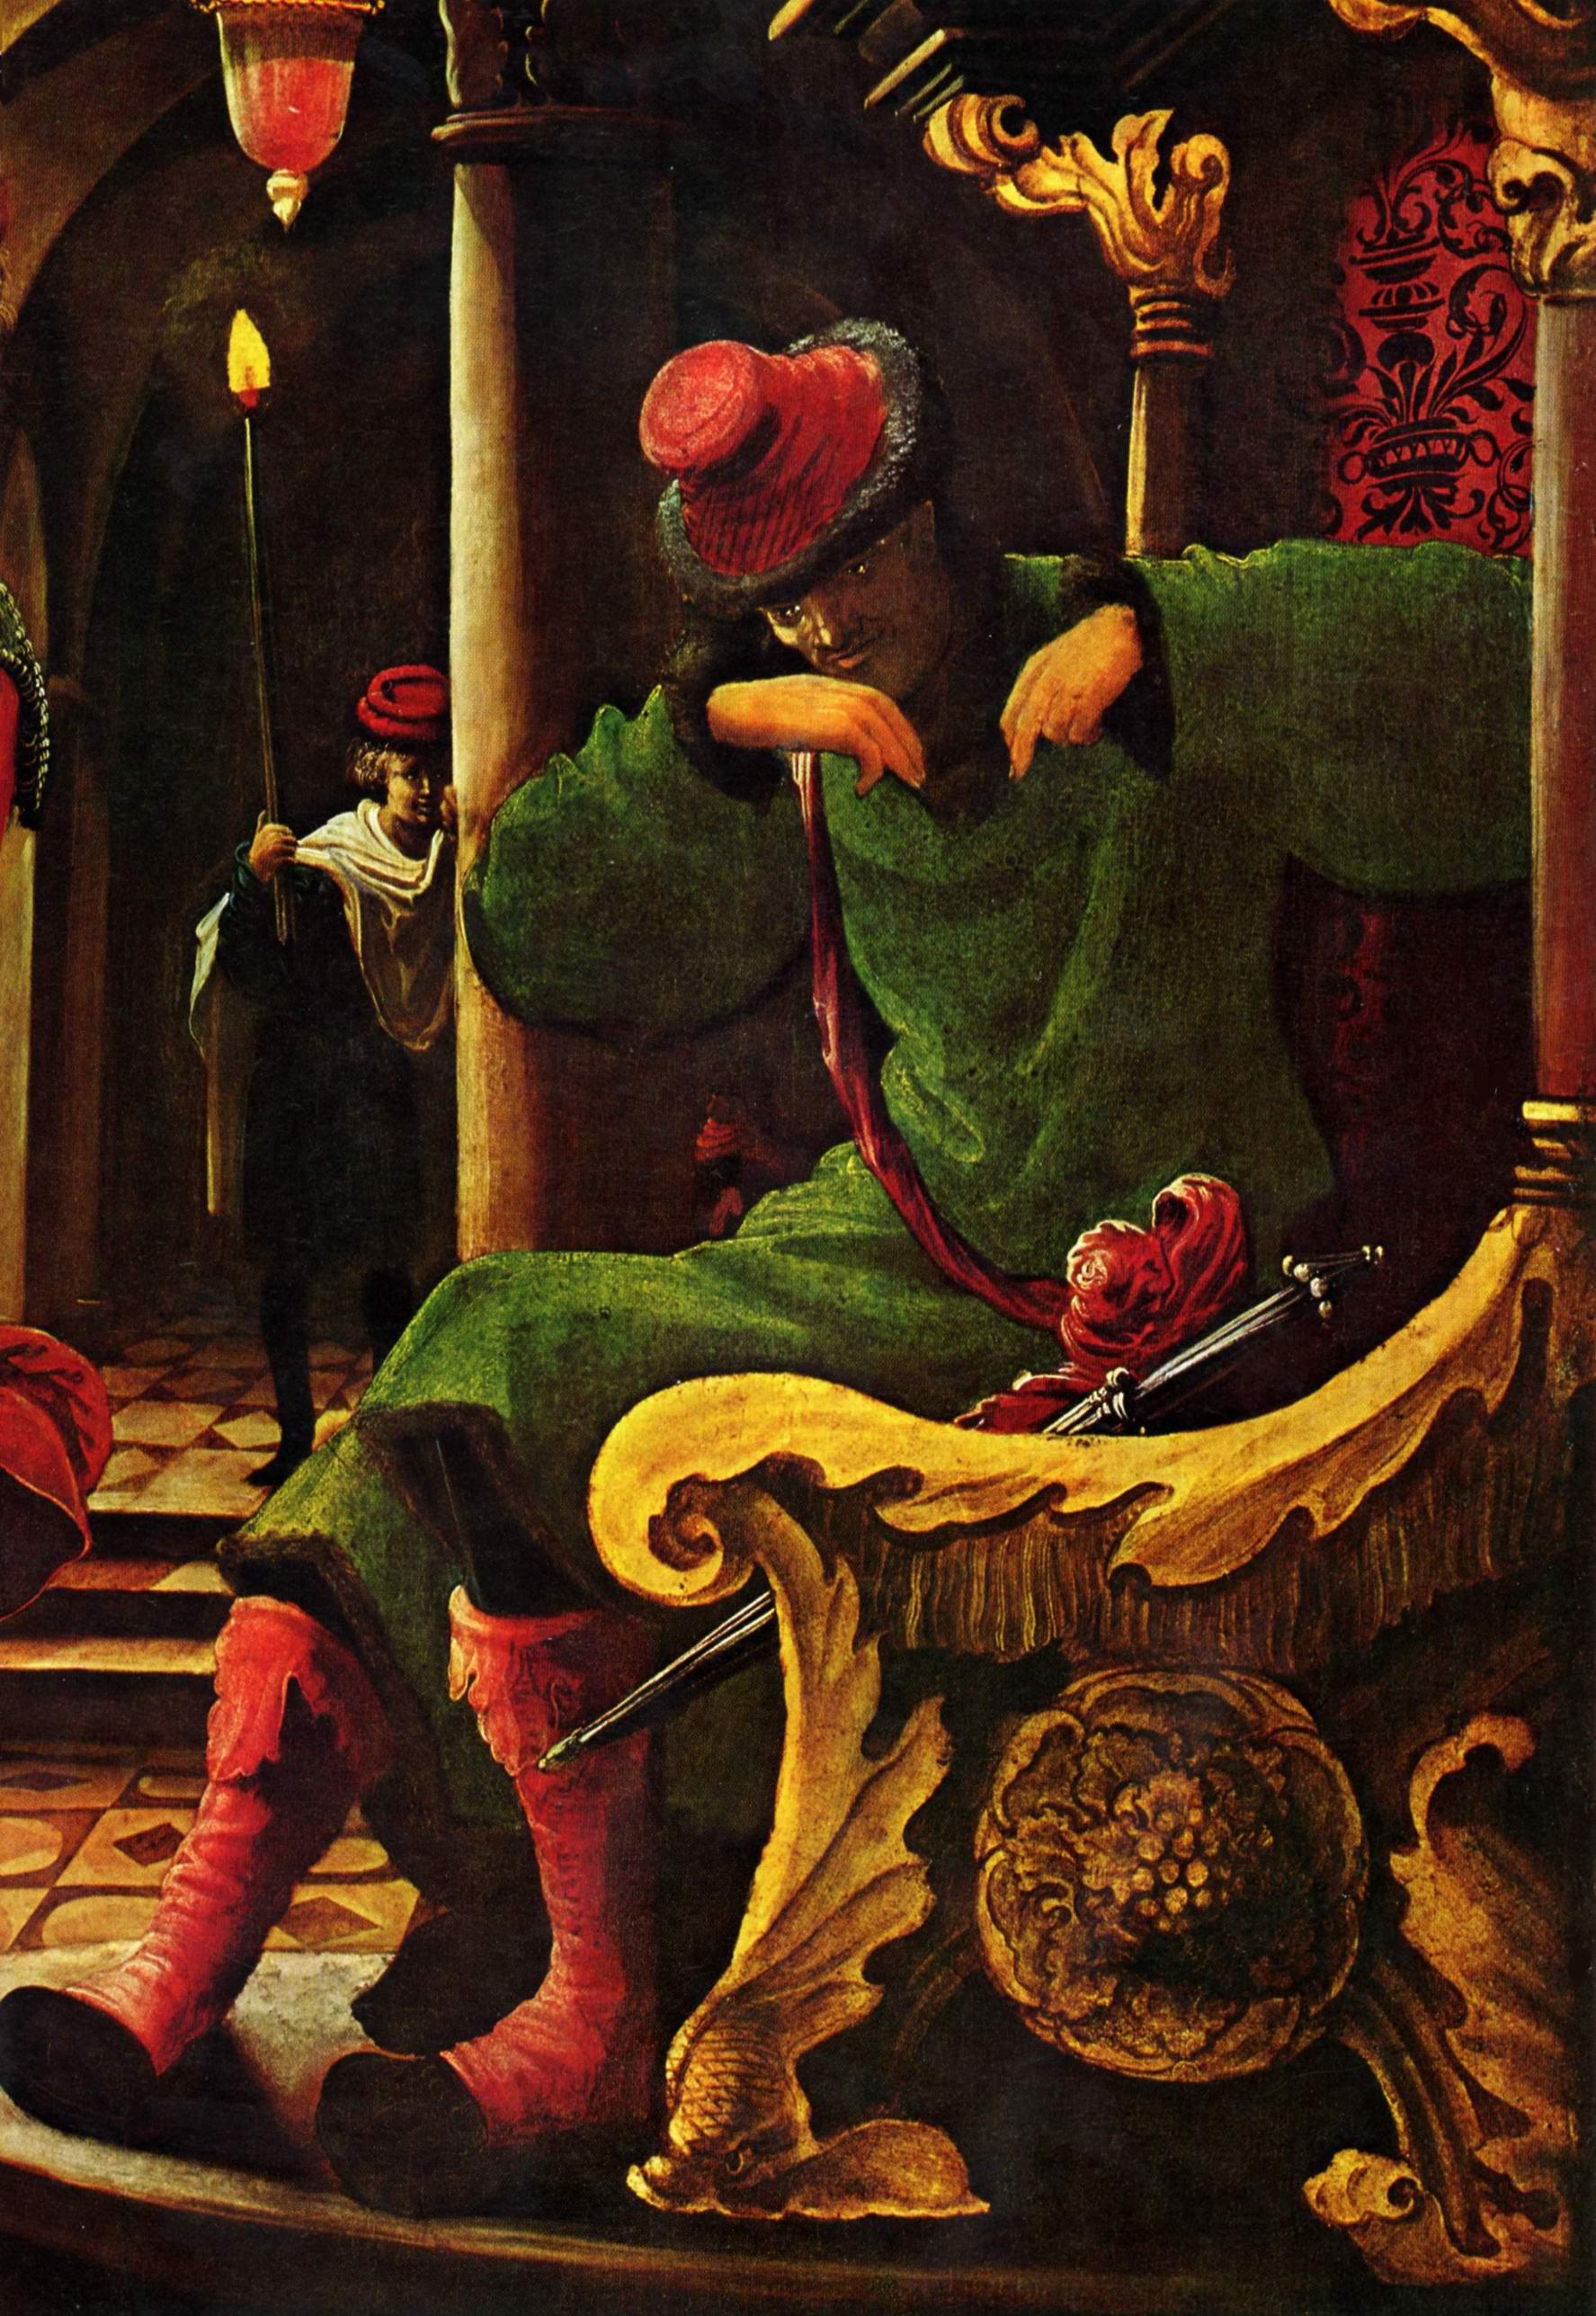 Алтарь св. Себастьяна монастыря св. Флориана ордена августинцев-каноников, левая внутренняя створка, Страсти Господни, Христос перед Каиафой., Альтдорфер Альбрехт